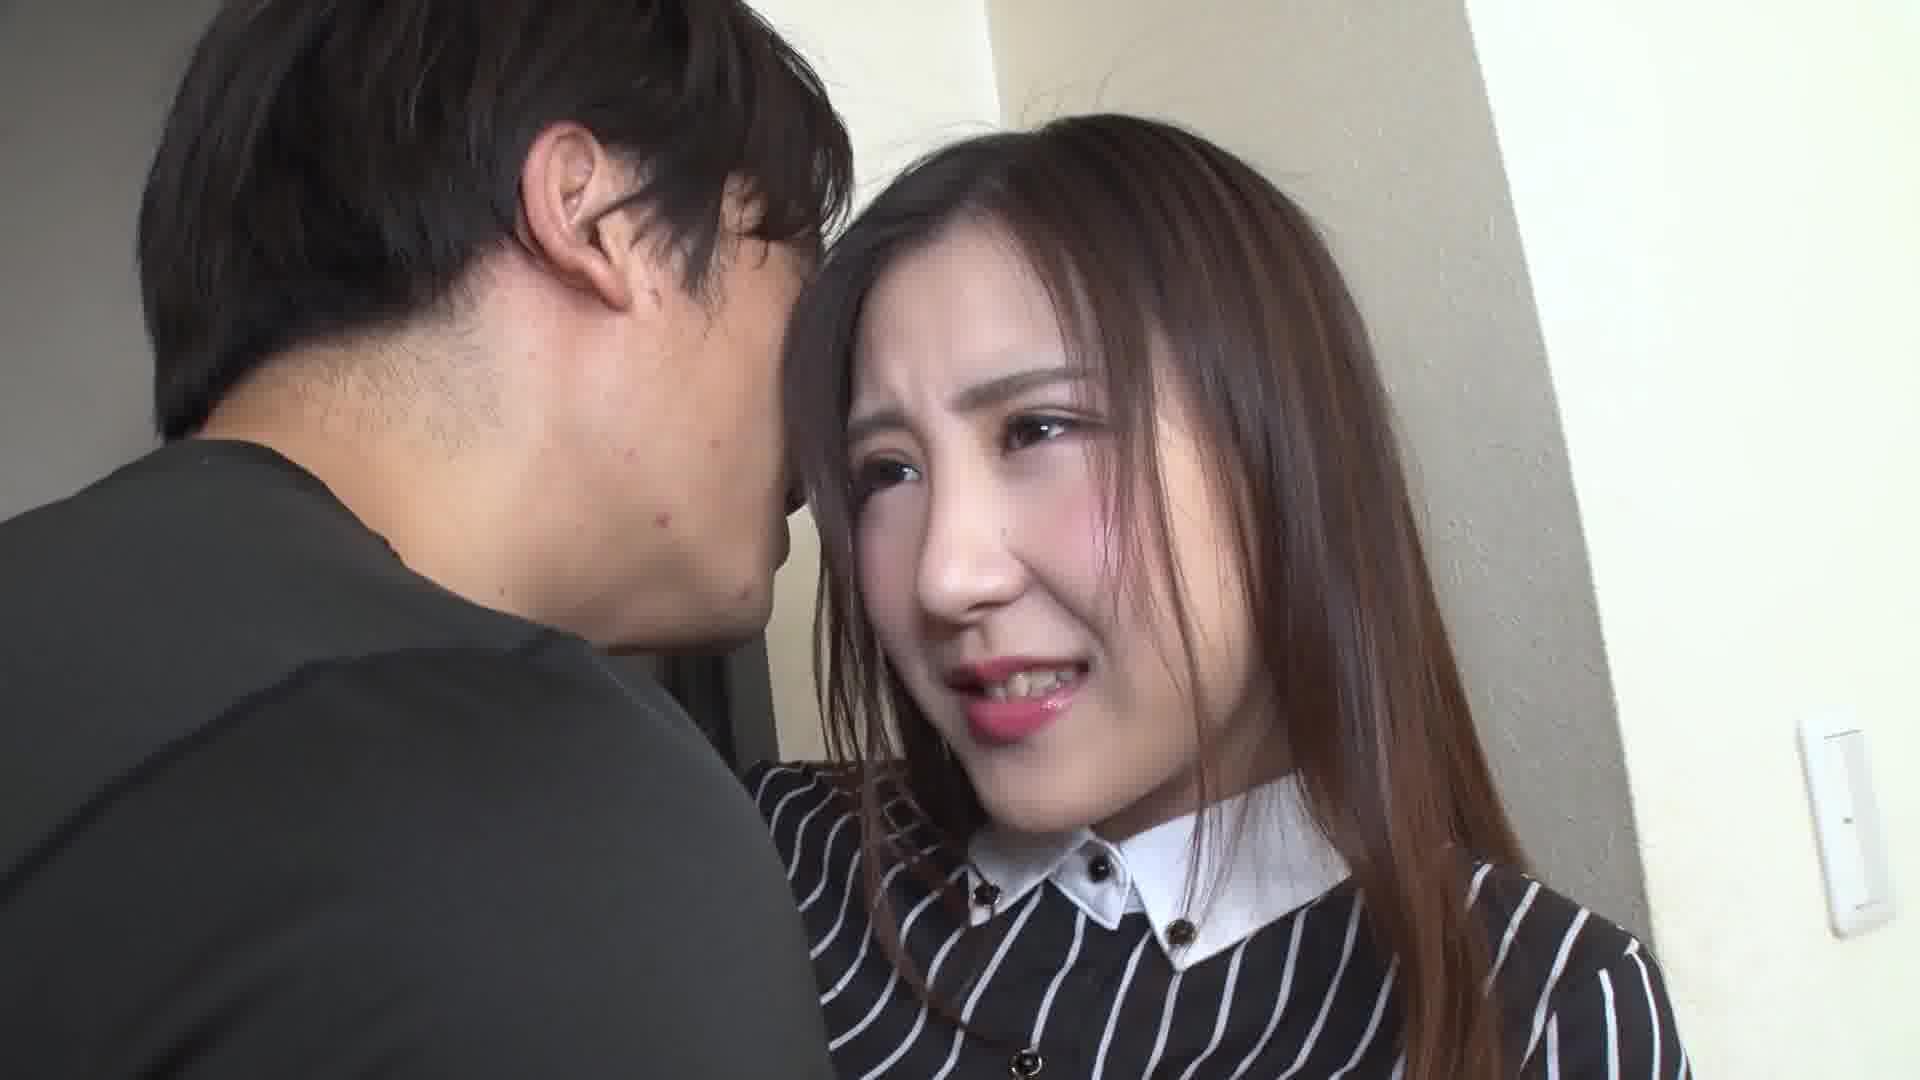 忘れられない男と密に濡れる美人妻 - 櫻井えみ【スレンダー・イラマチオ・中出し】